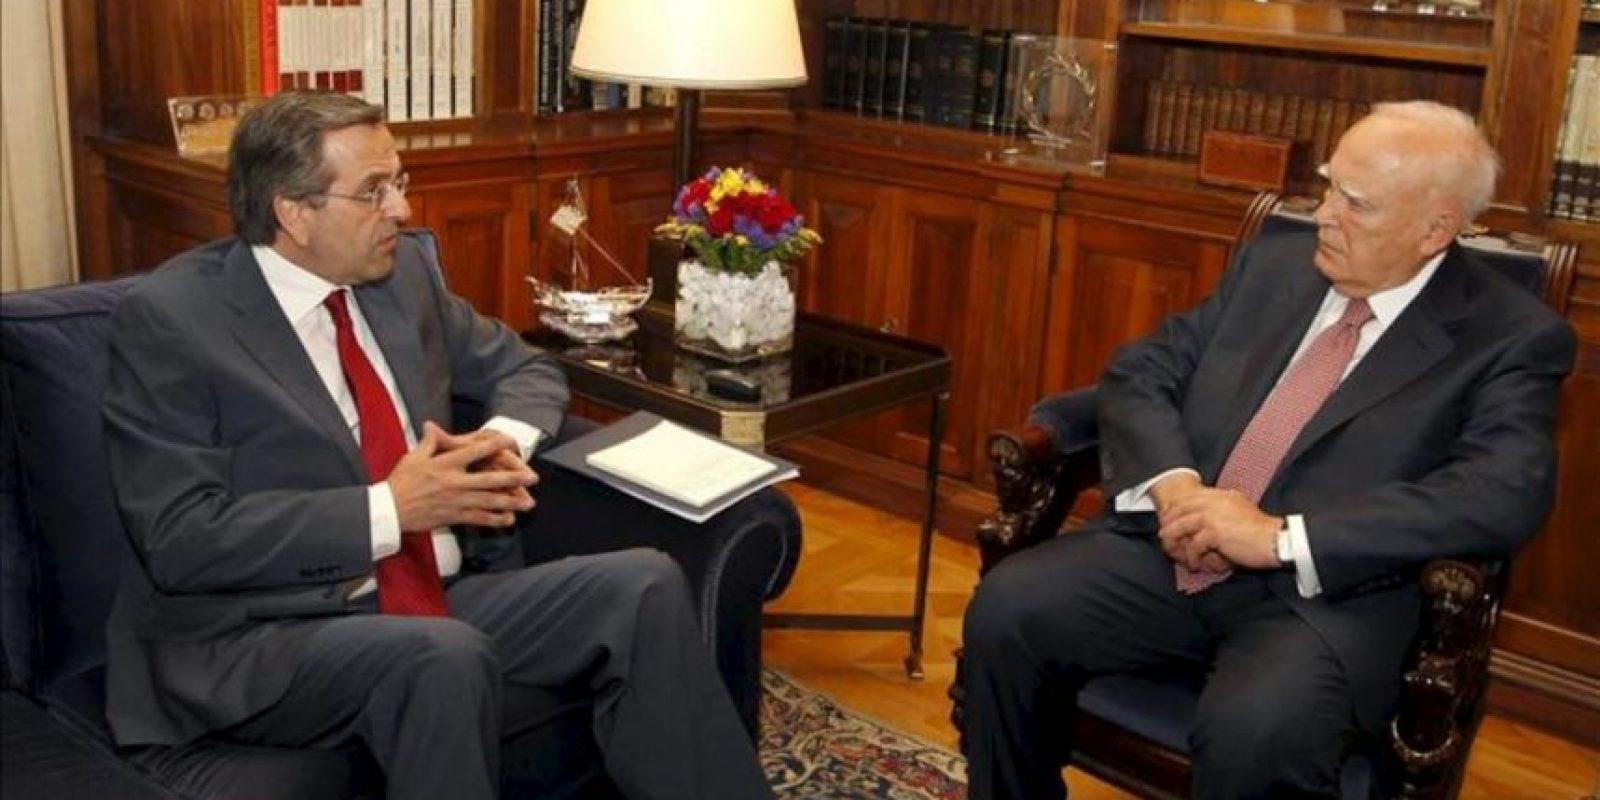 El presidente griego, Karolos Papoulias (dcha), conversa con el líder de la formación conservadora Nueva Democracia (ND), Andonis Samarás, en el palacio presidencial en Atenas (Grecia). EFE